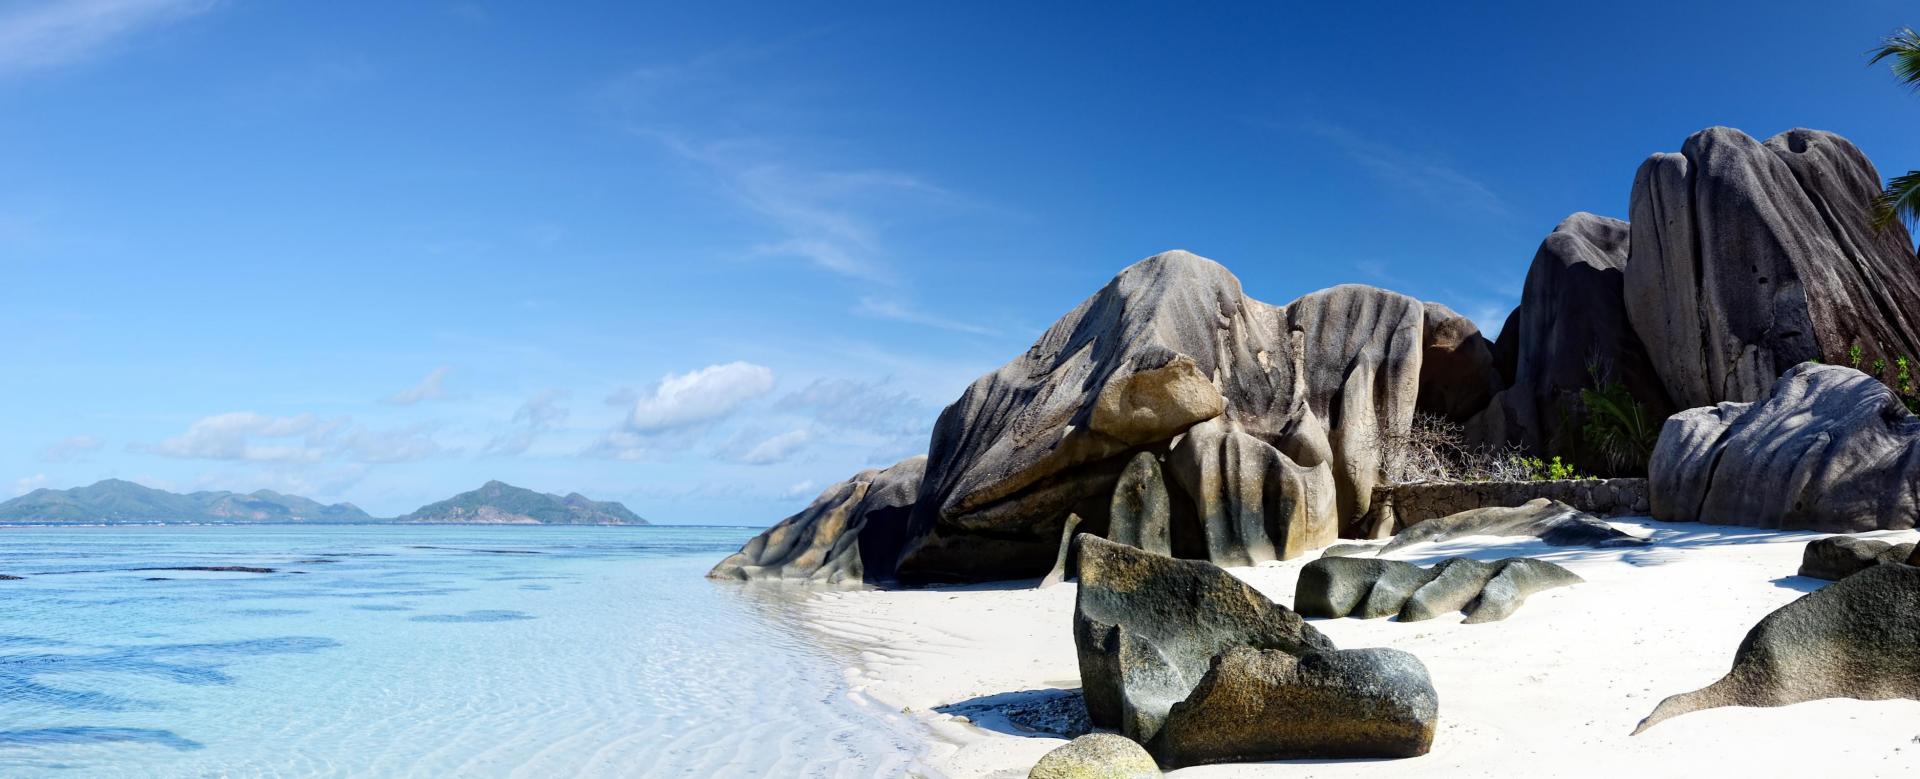 Voyage en véhicule : Rochers des seychelles